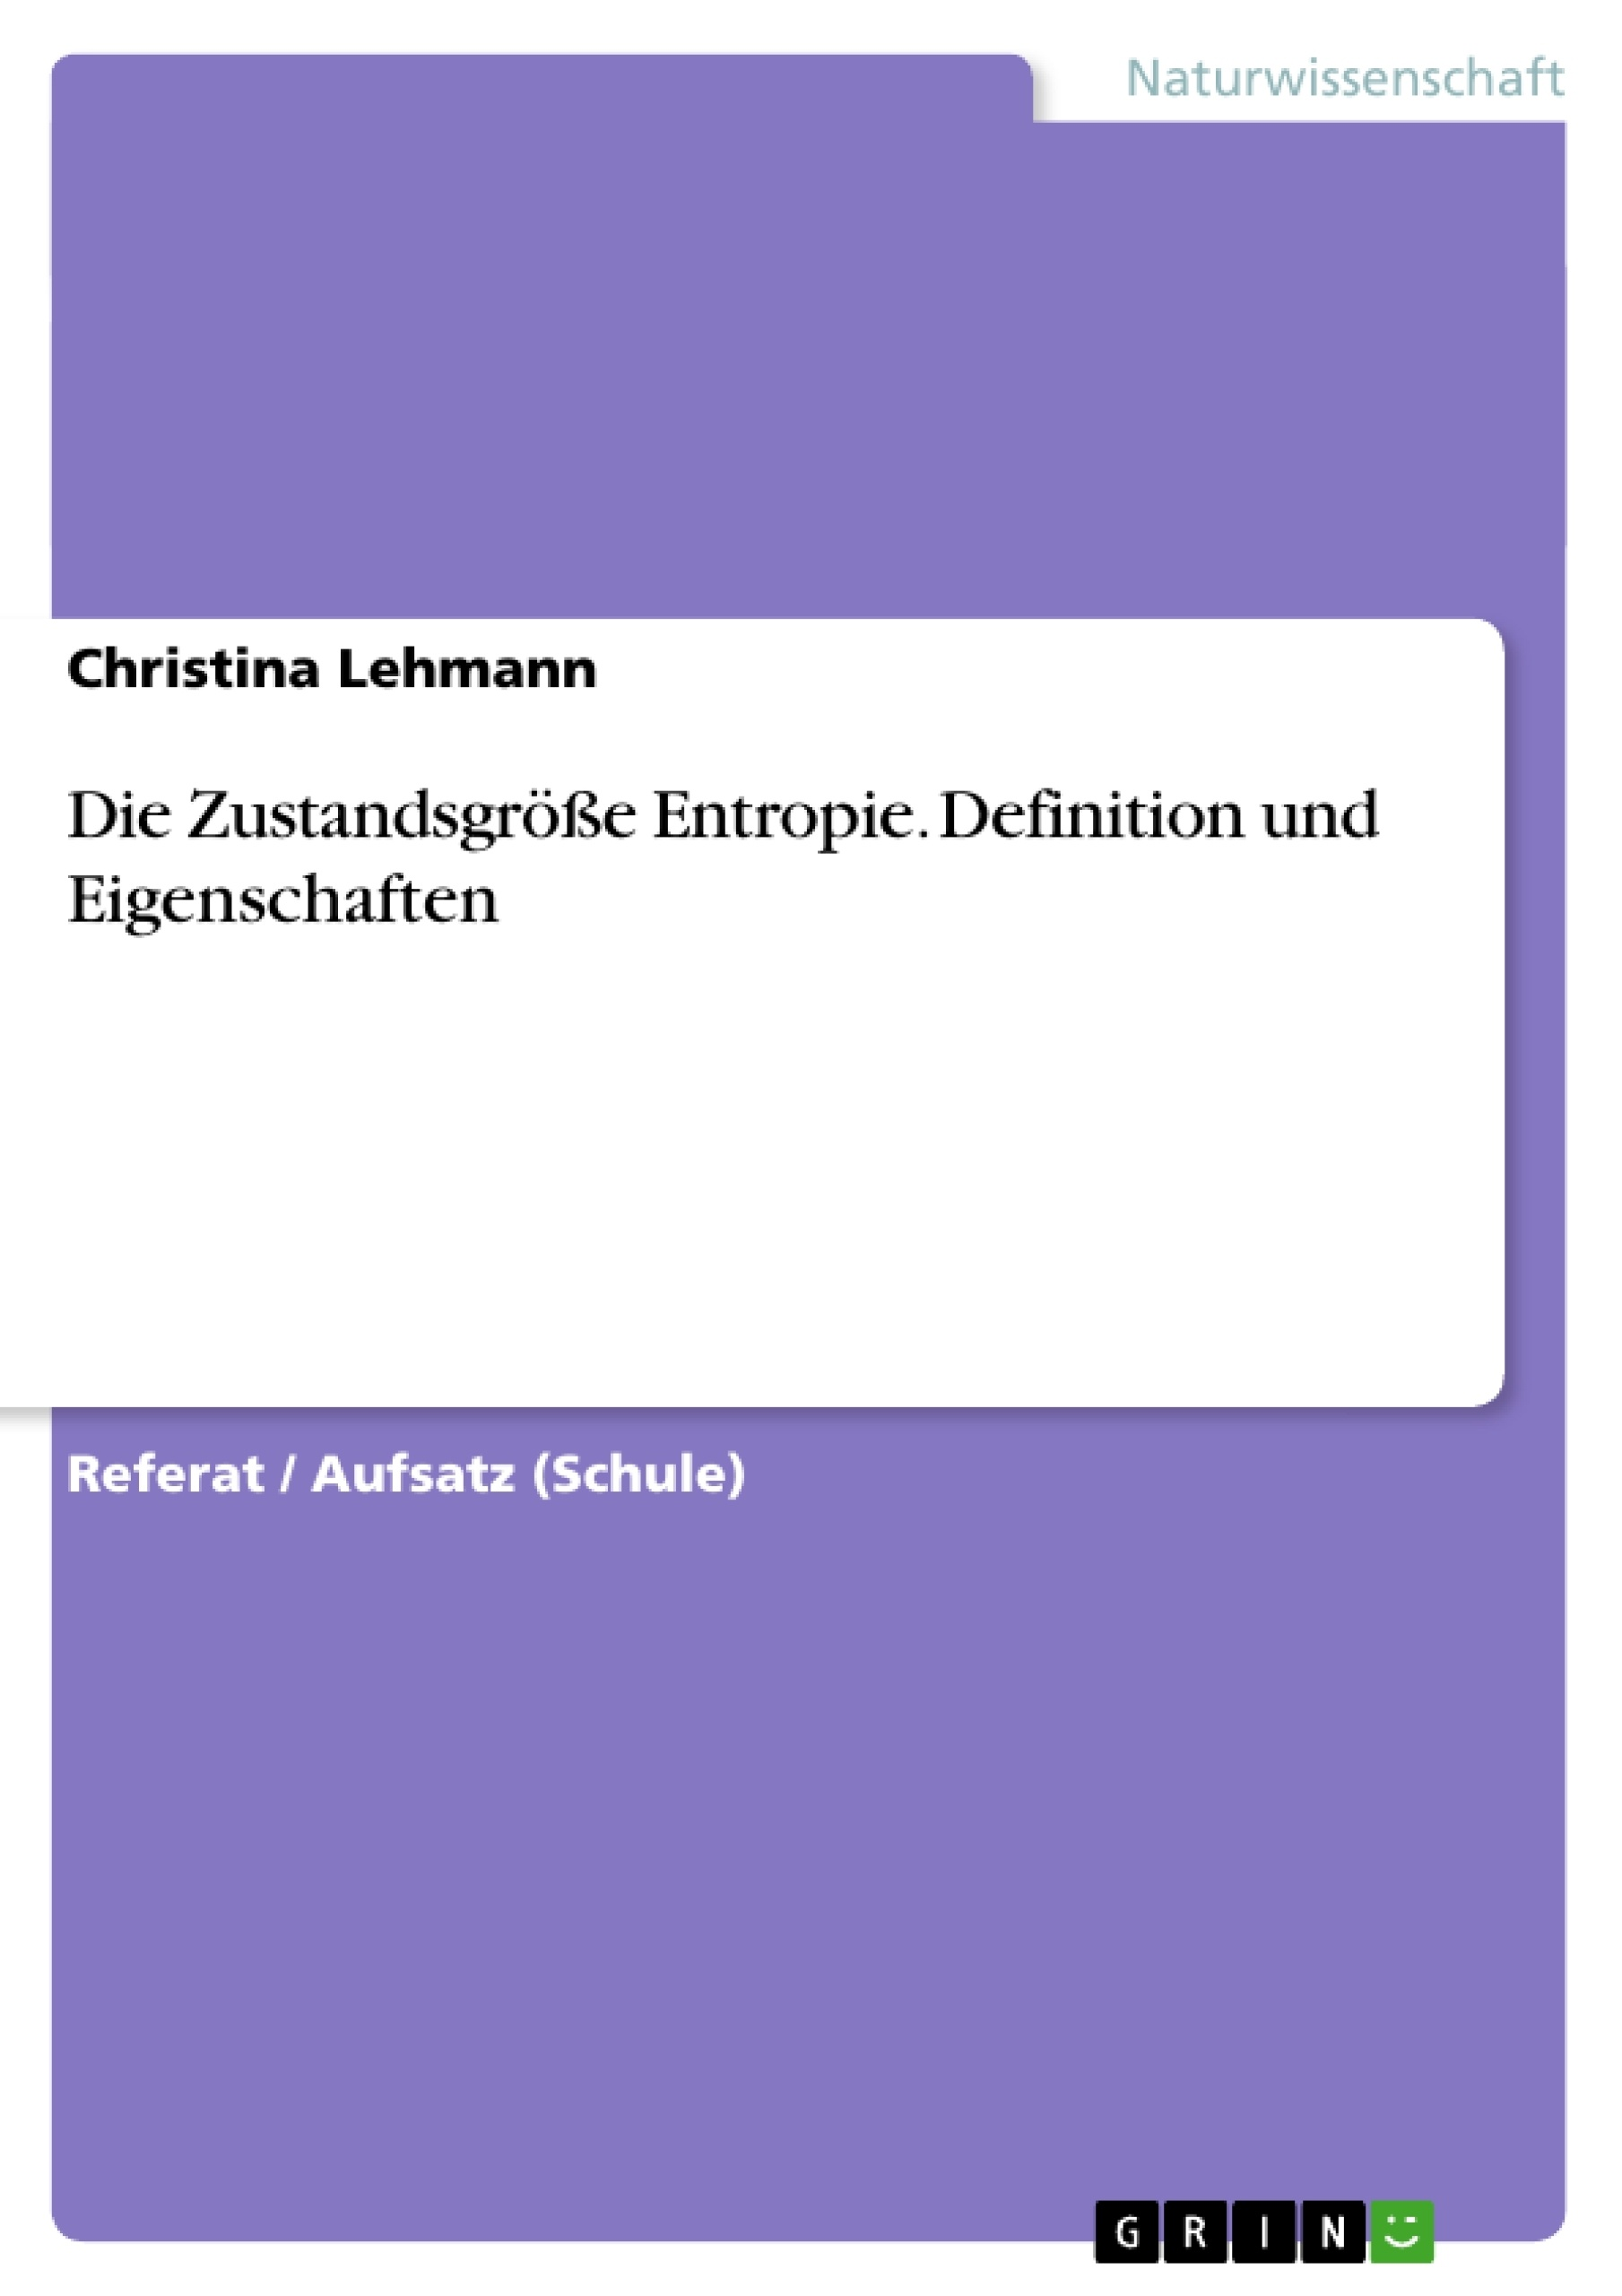 Titel: Die Zustandsgröße Entropie. Definition und Eigenschaften